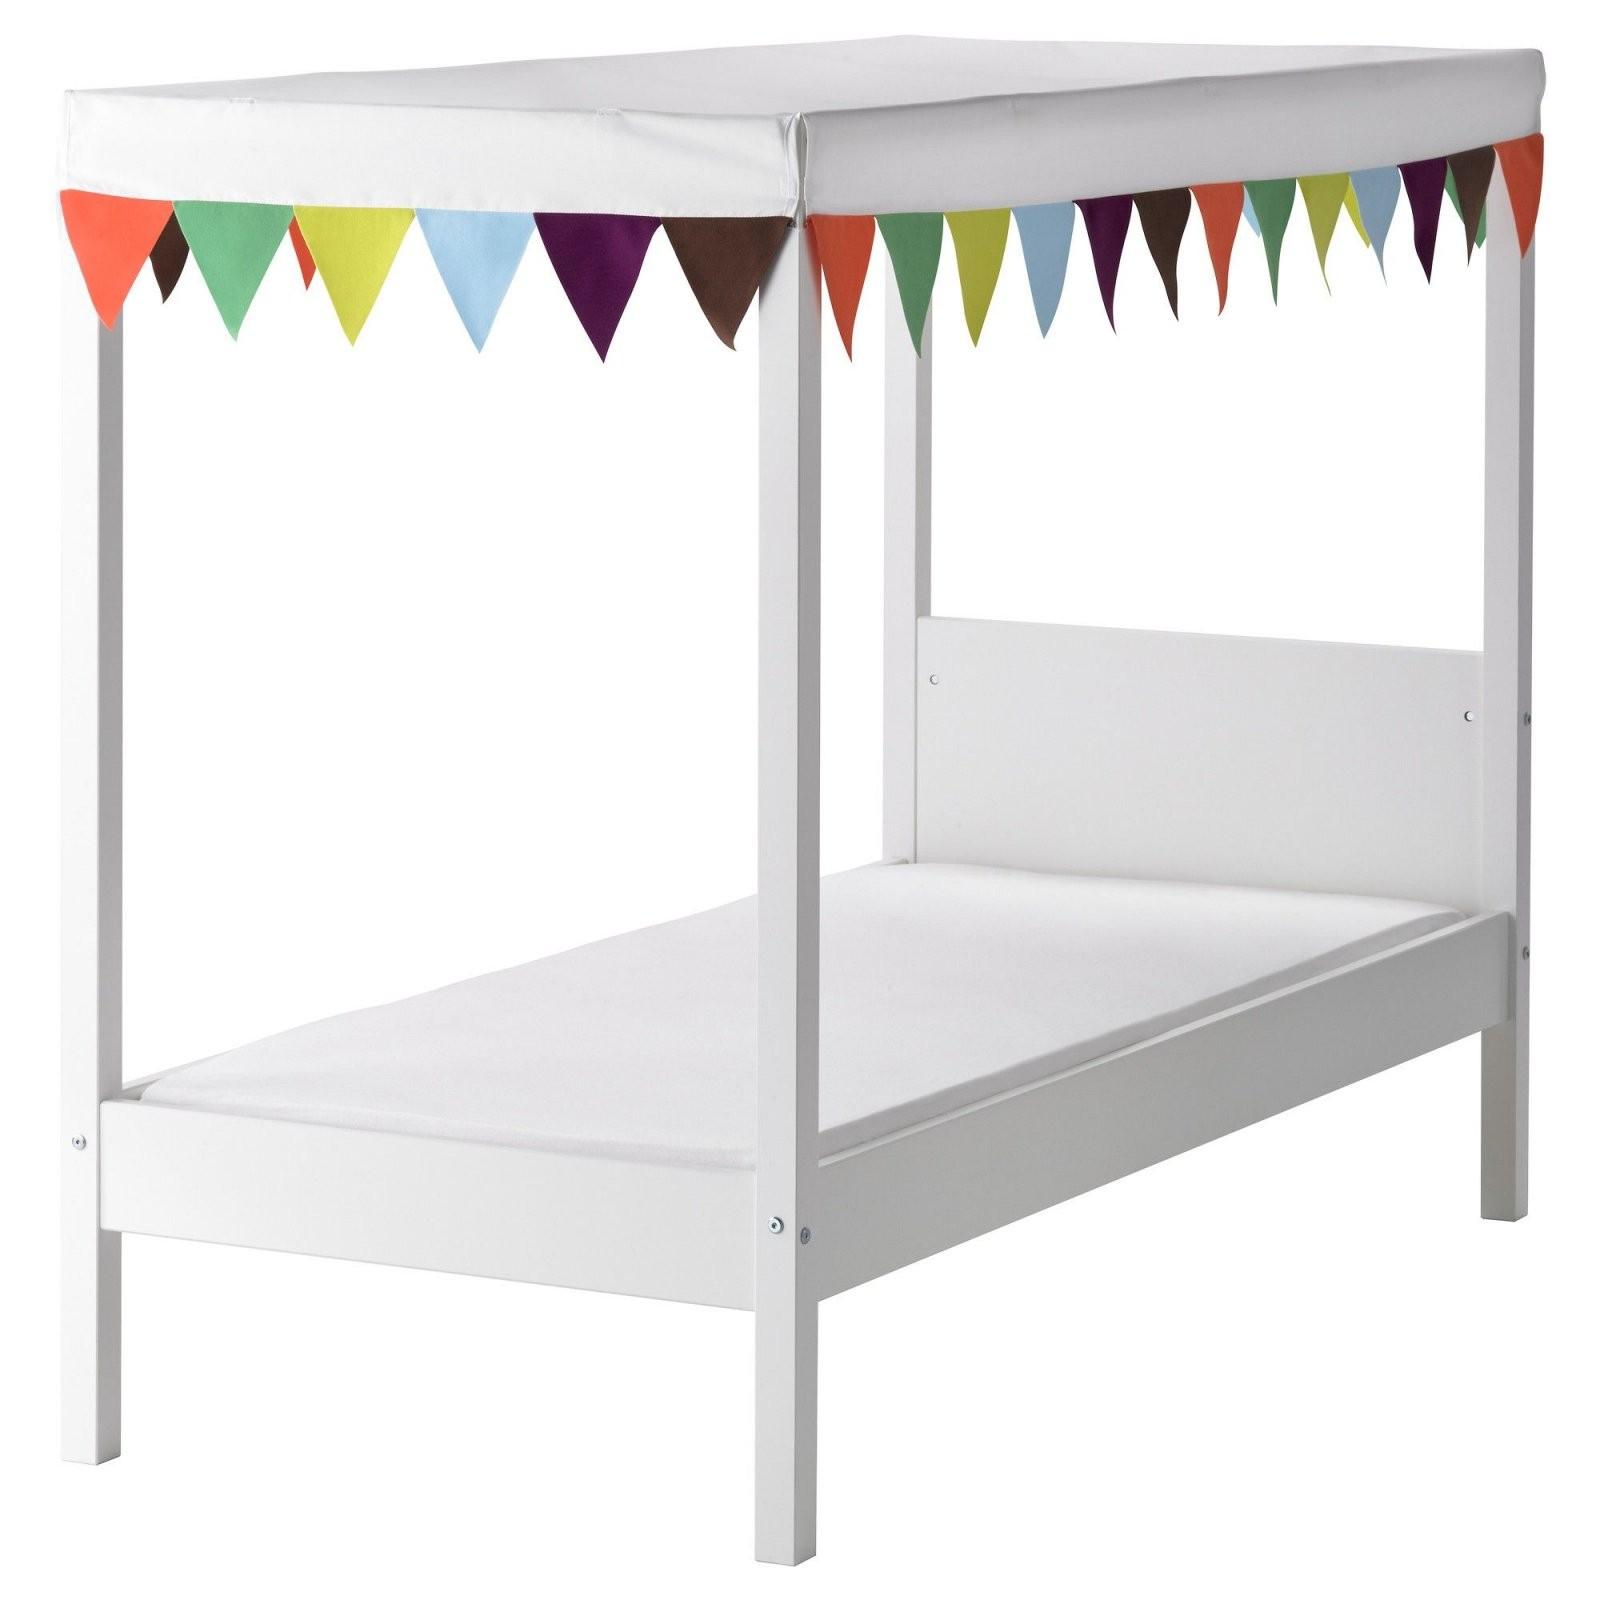 Möbel  Einrichtungsideen Für Dein Zuhause  Geschenkideen Klara von Himmel Für Bett Ikea Bild